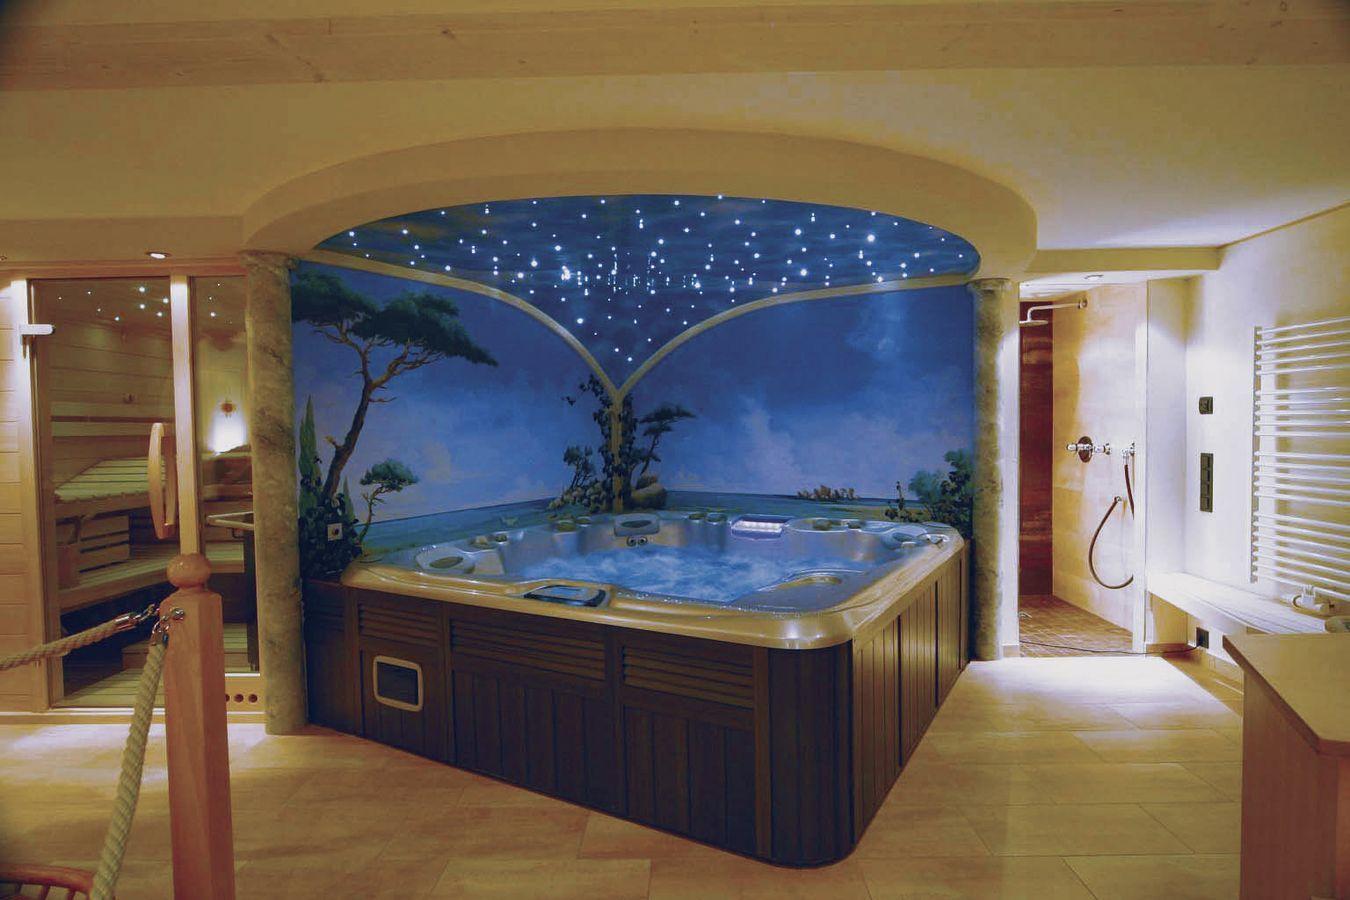 Een wellness plekje in huis, een Jacuzzi, sauna en doucheruimte ...